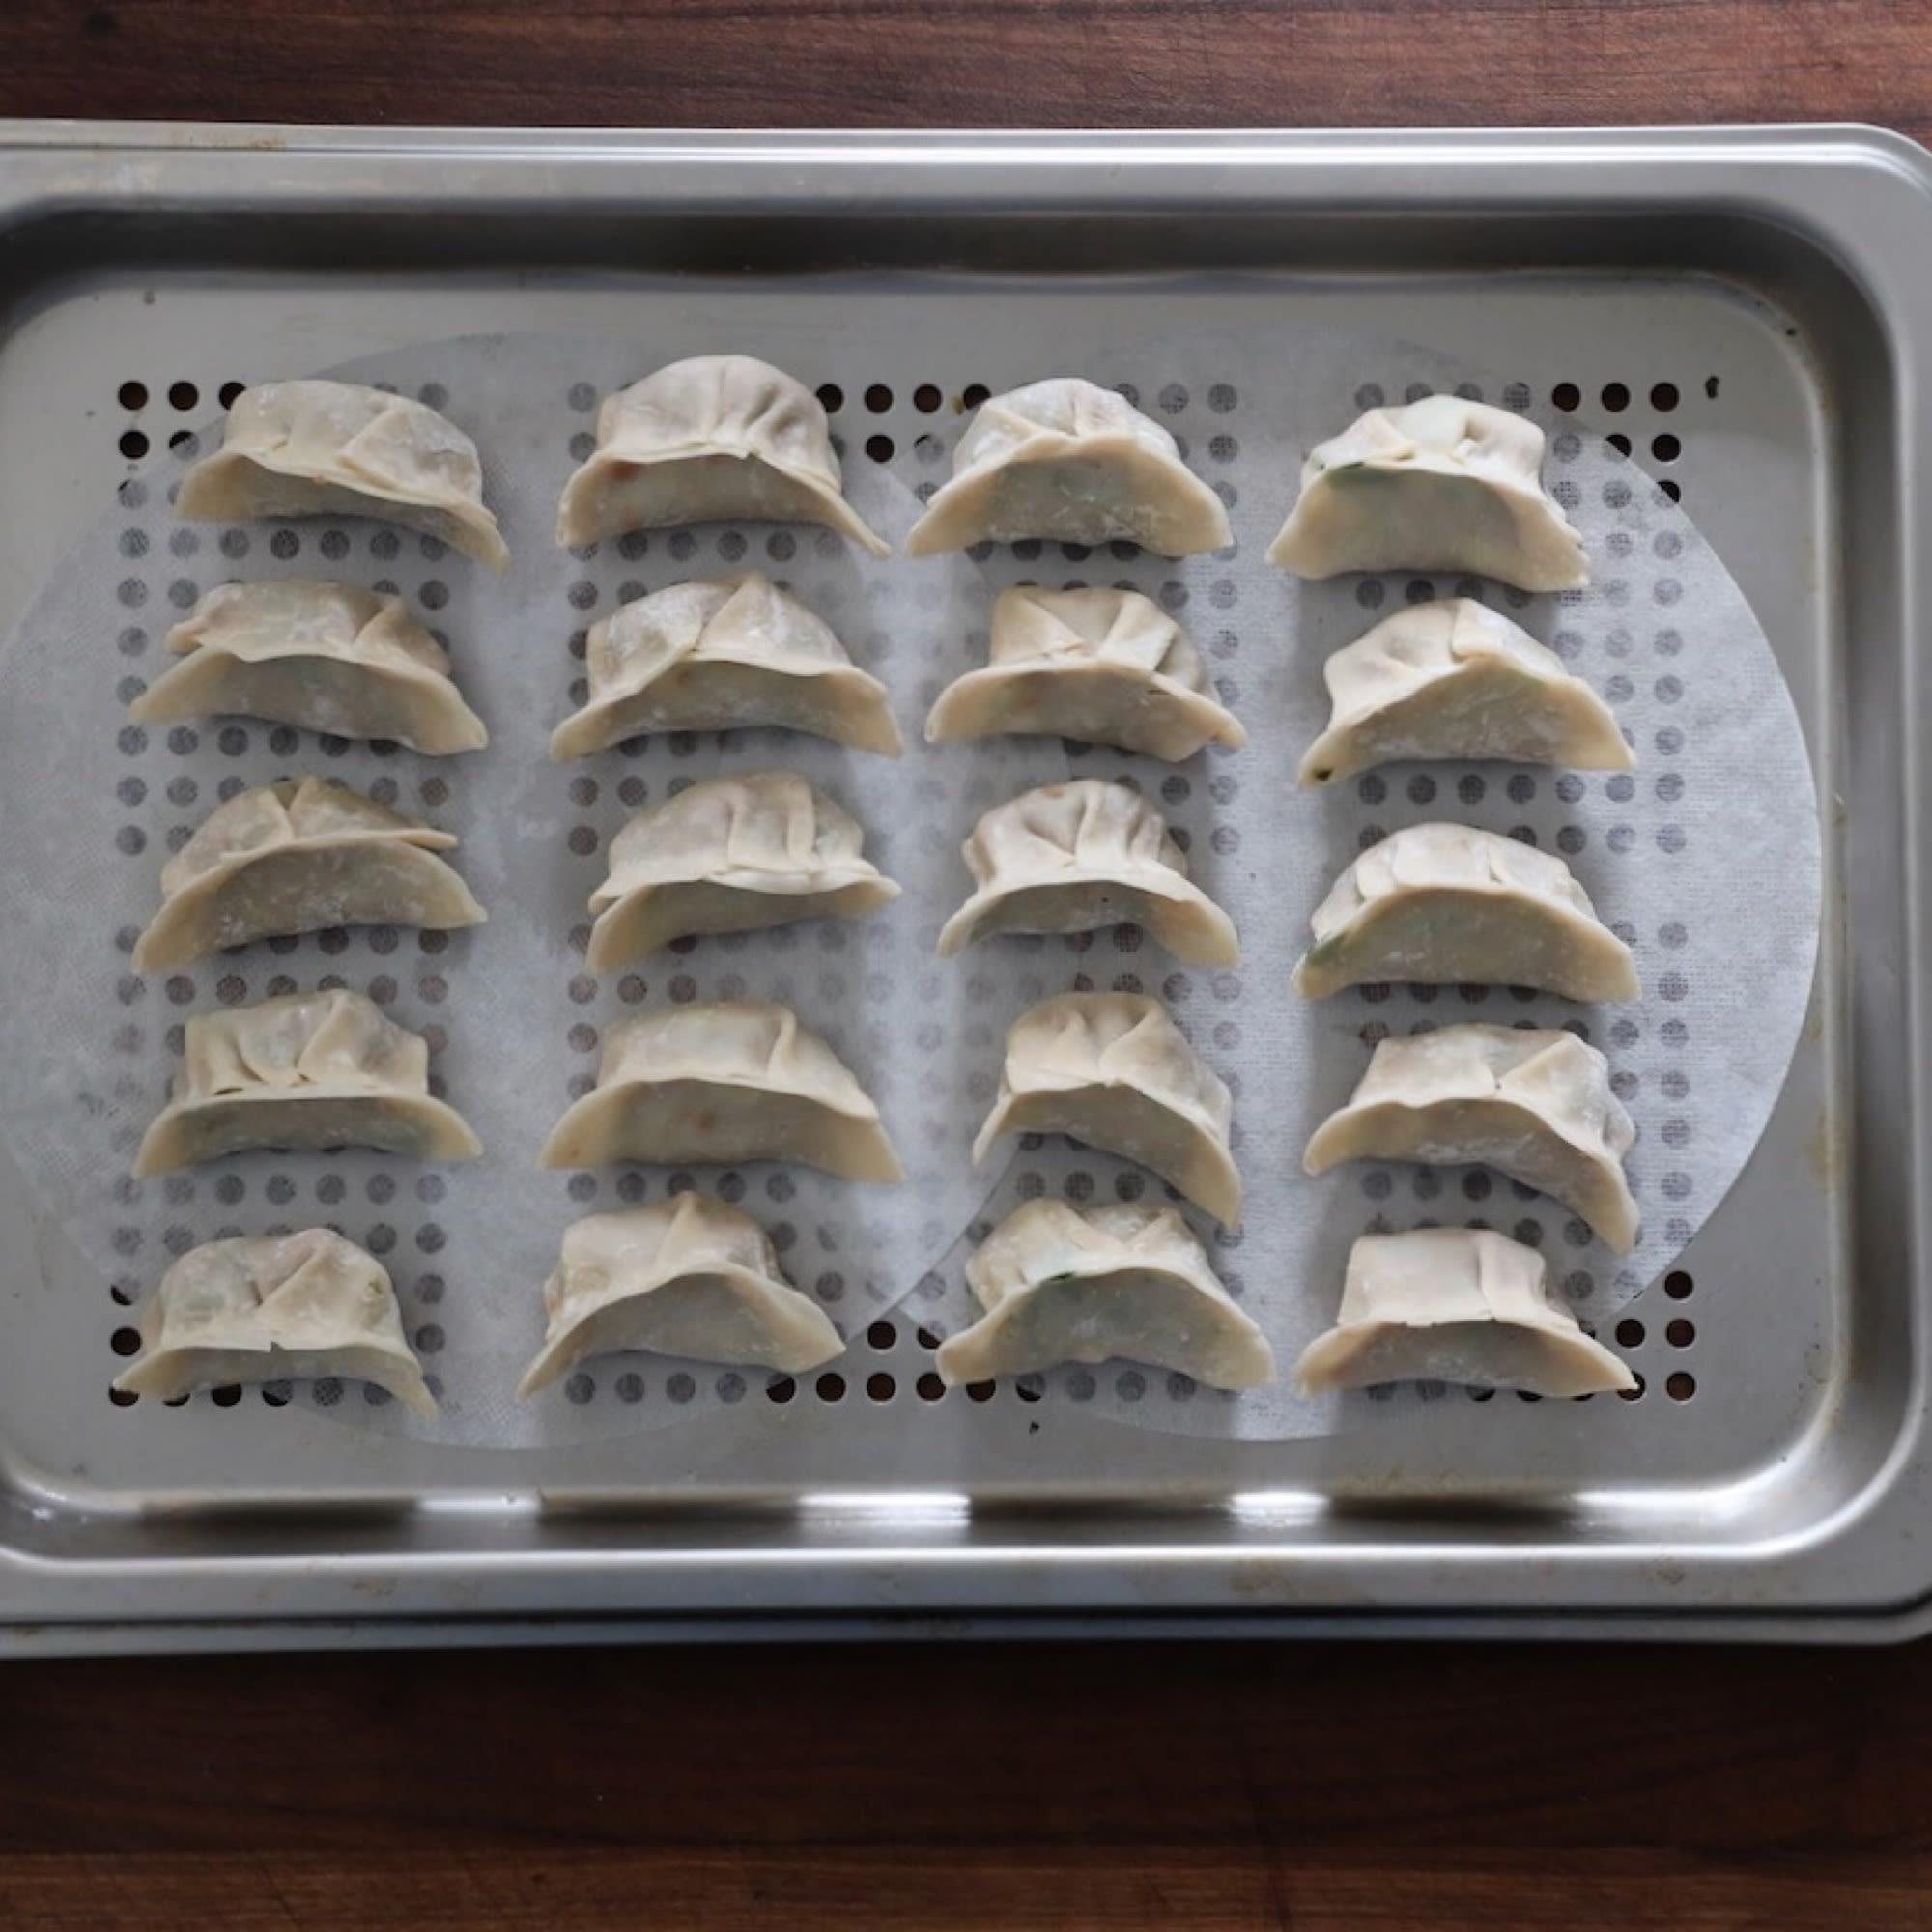 Arrange dumplings on tray